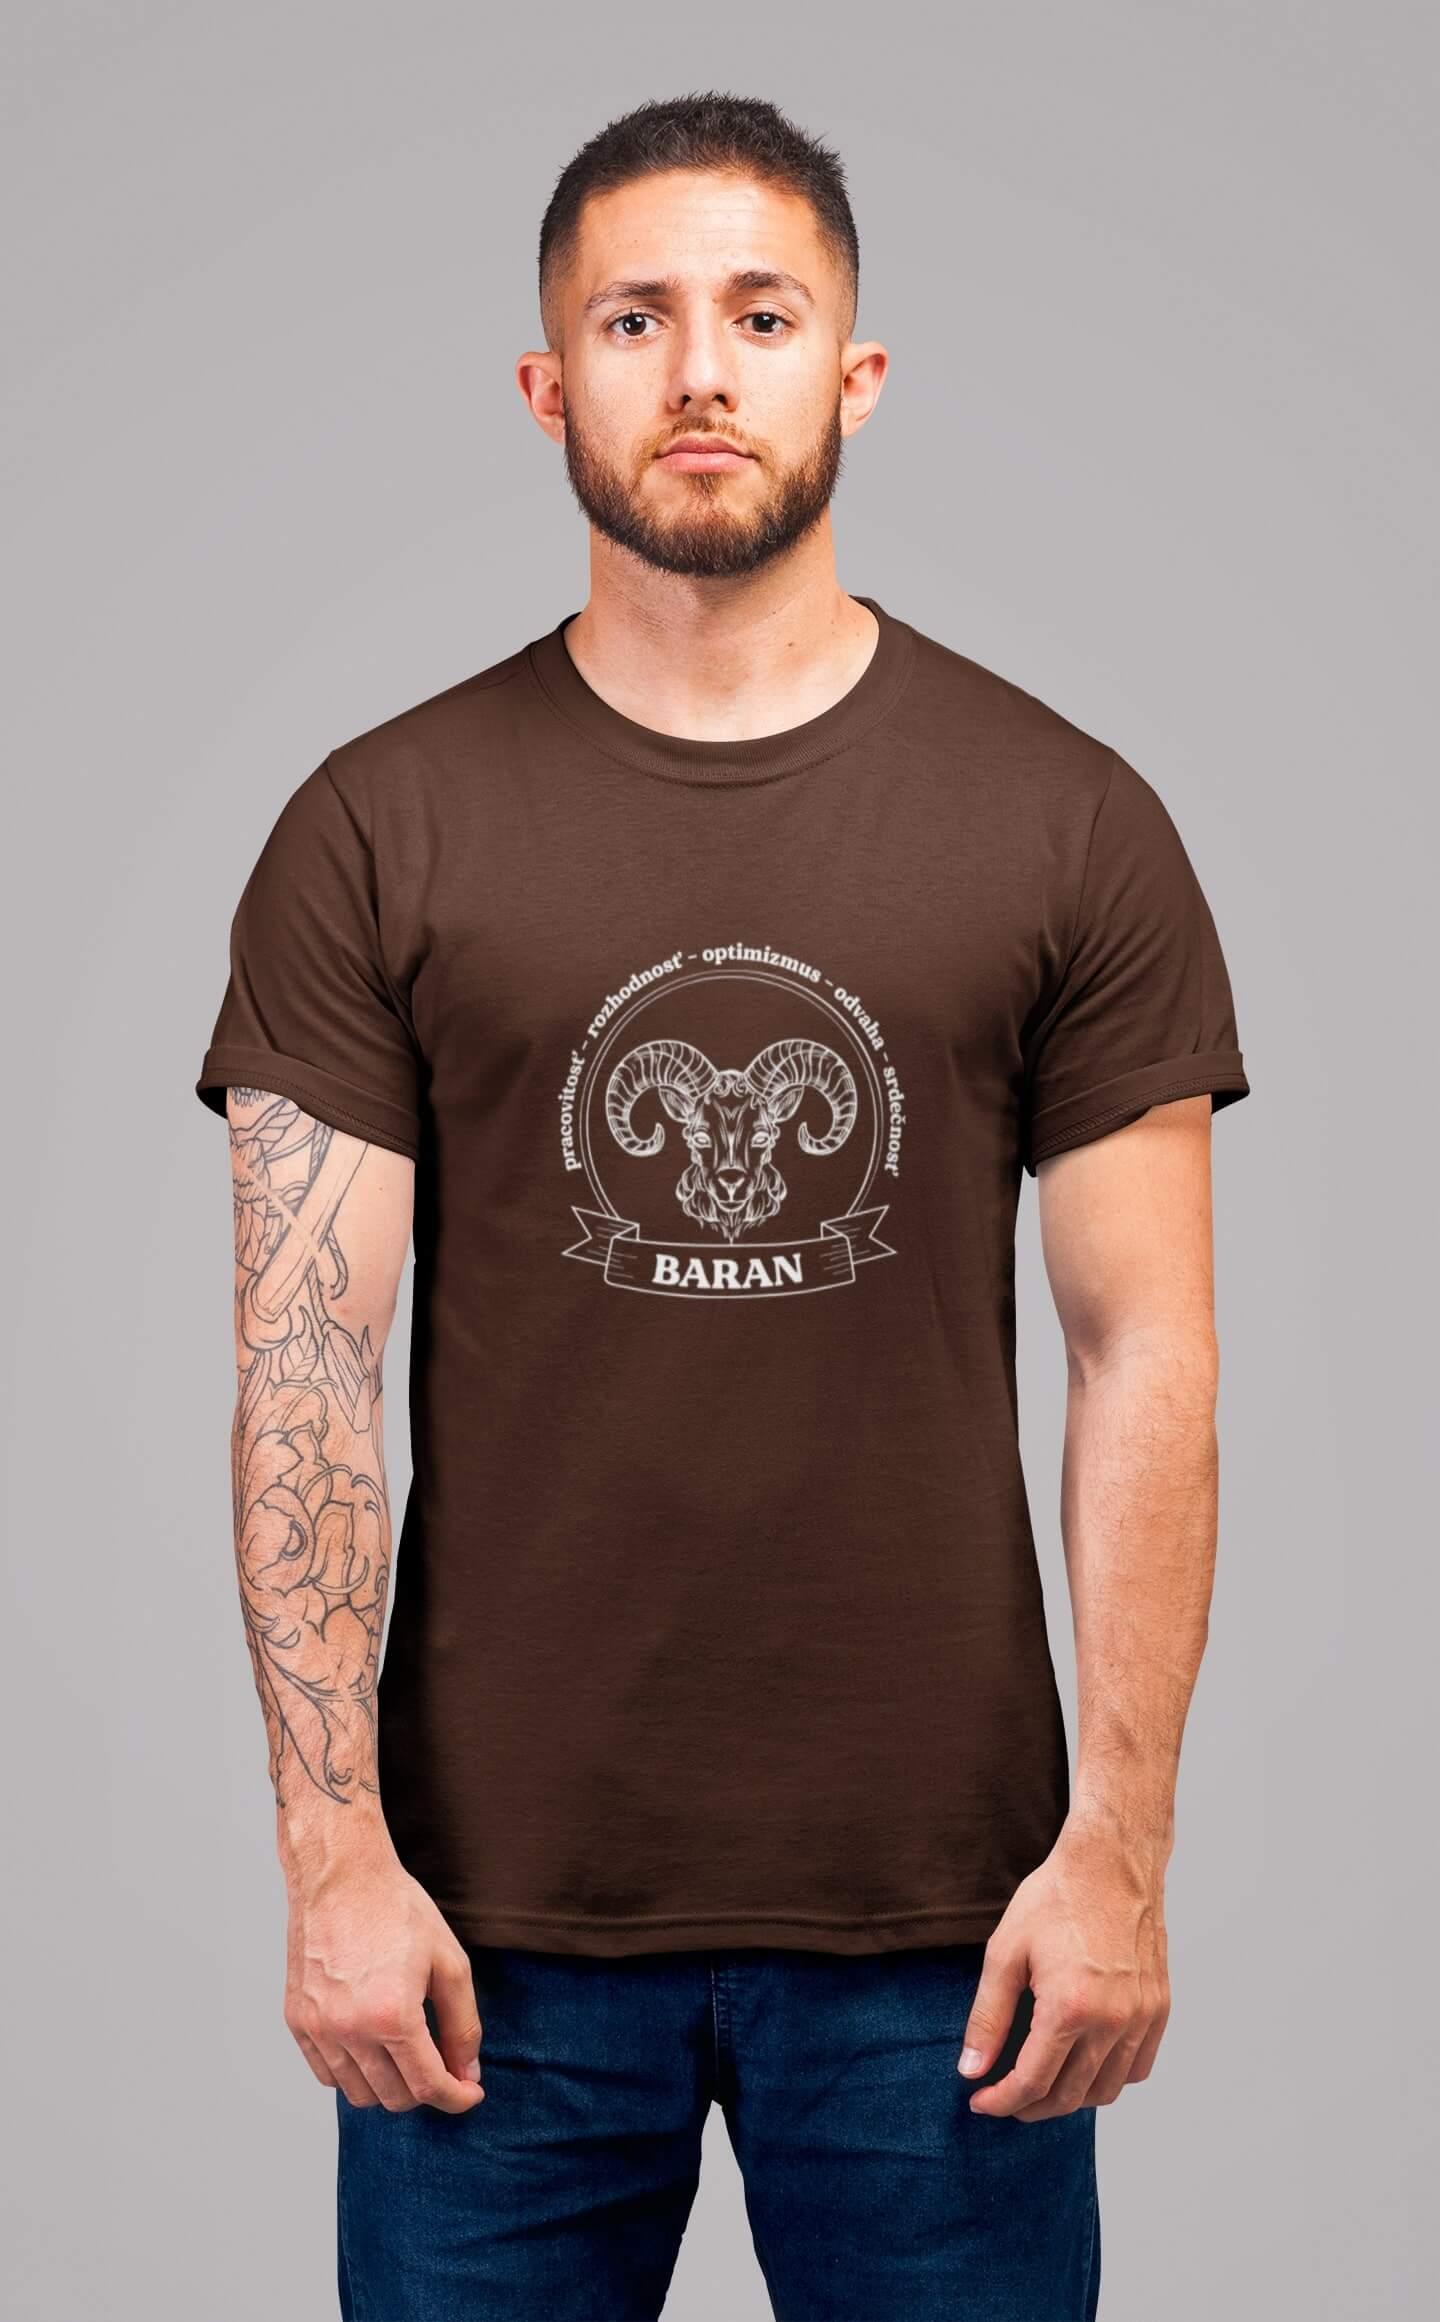 MMO Pánske tričko Baran Vyberte farbu: Čokoládová, Vyberte veľkosť: XL